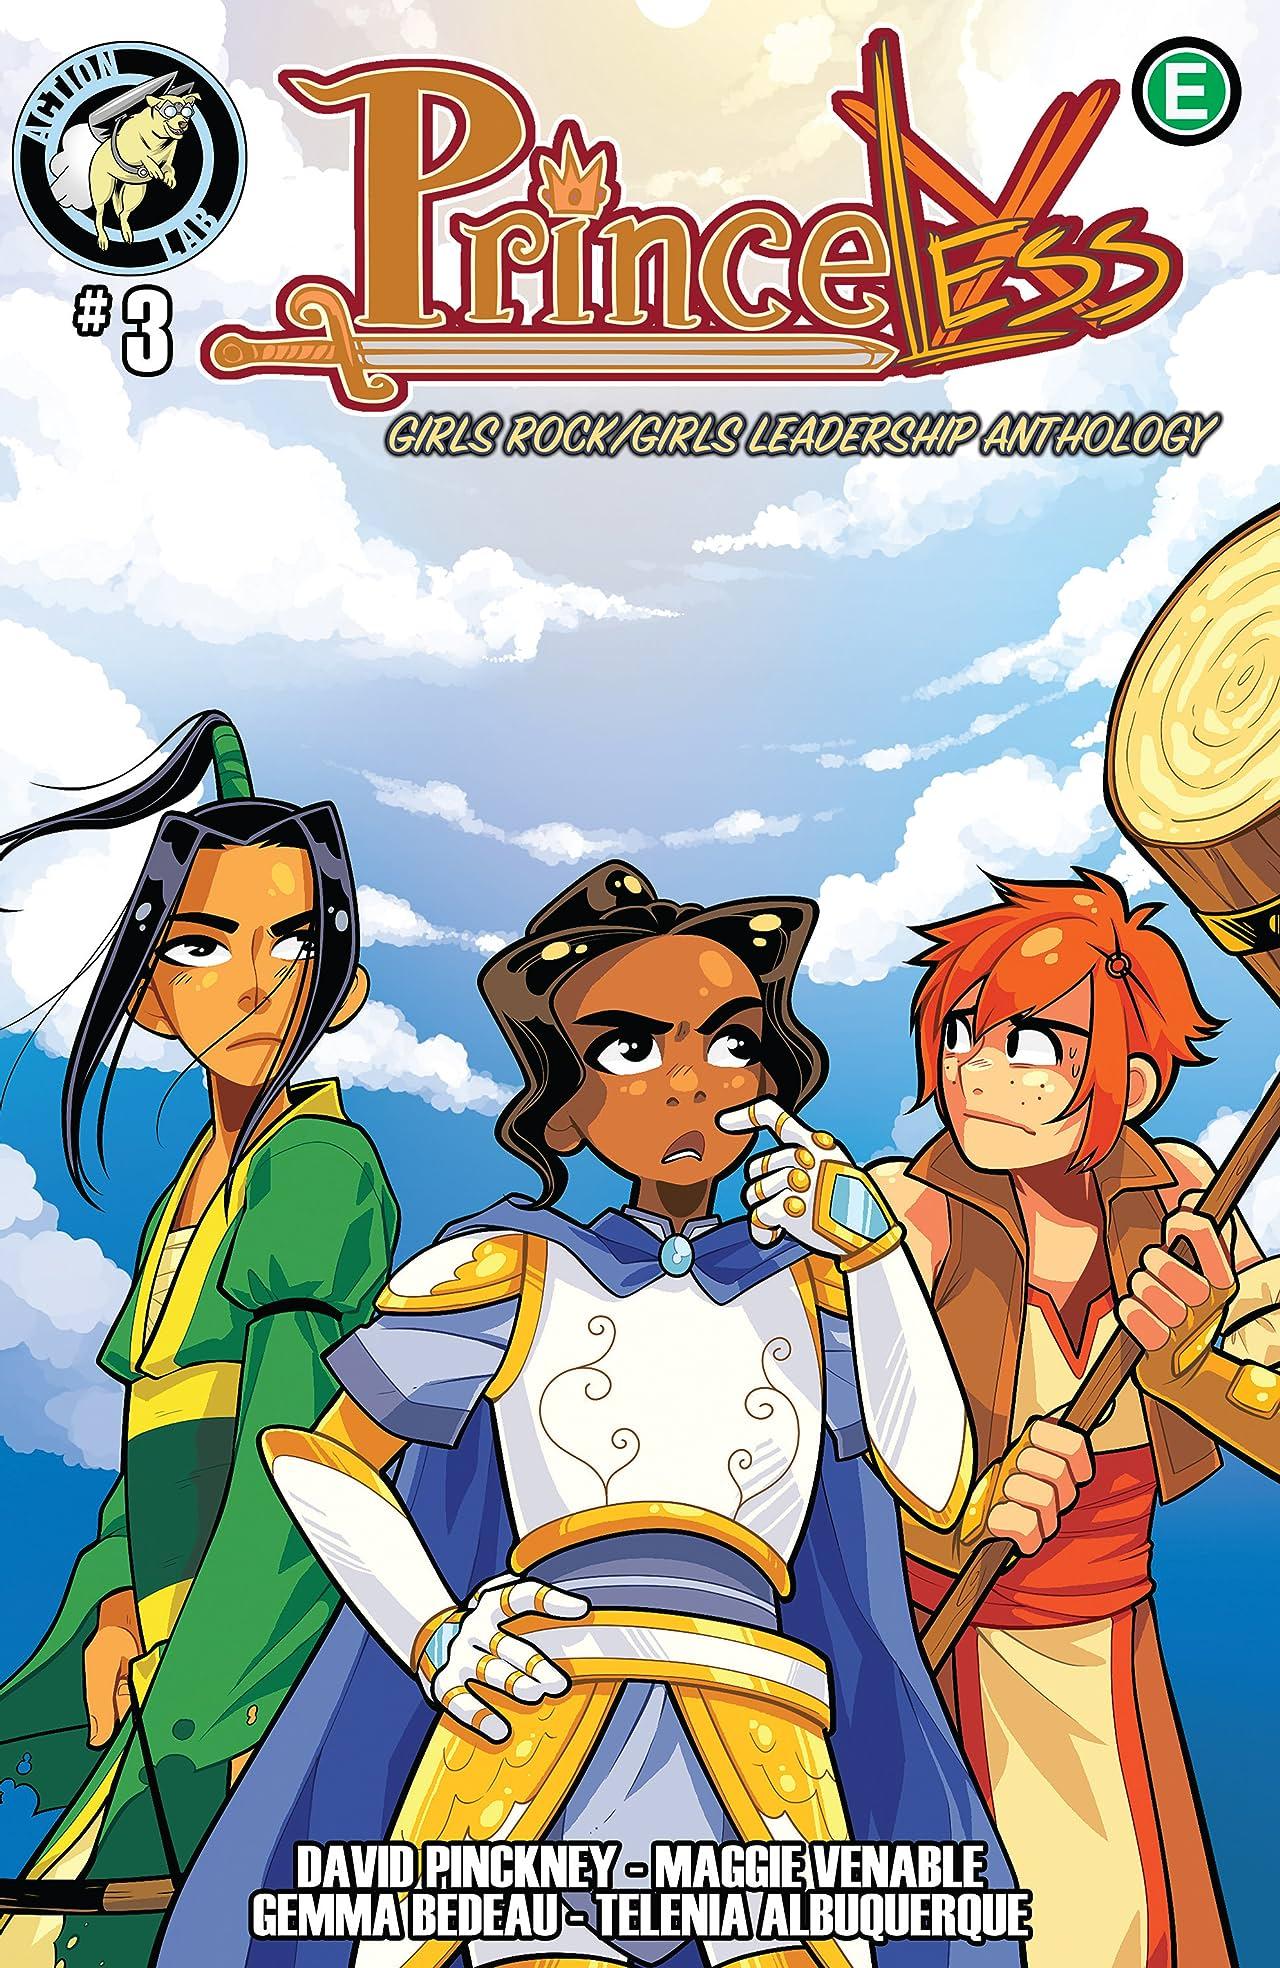 Princeless: Girls Rock/Girls Leadership Anthology #3